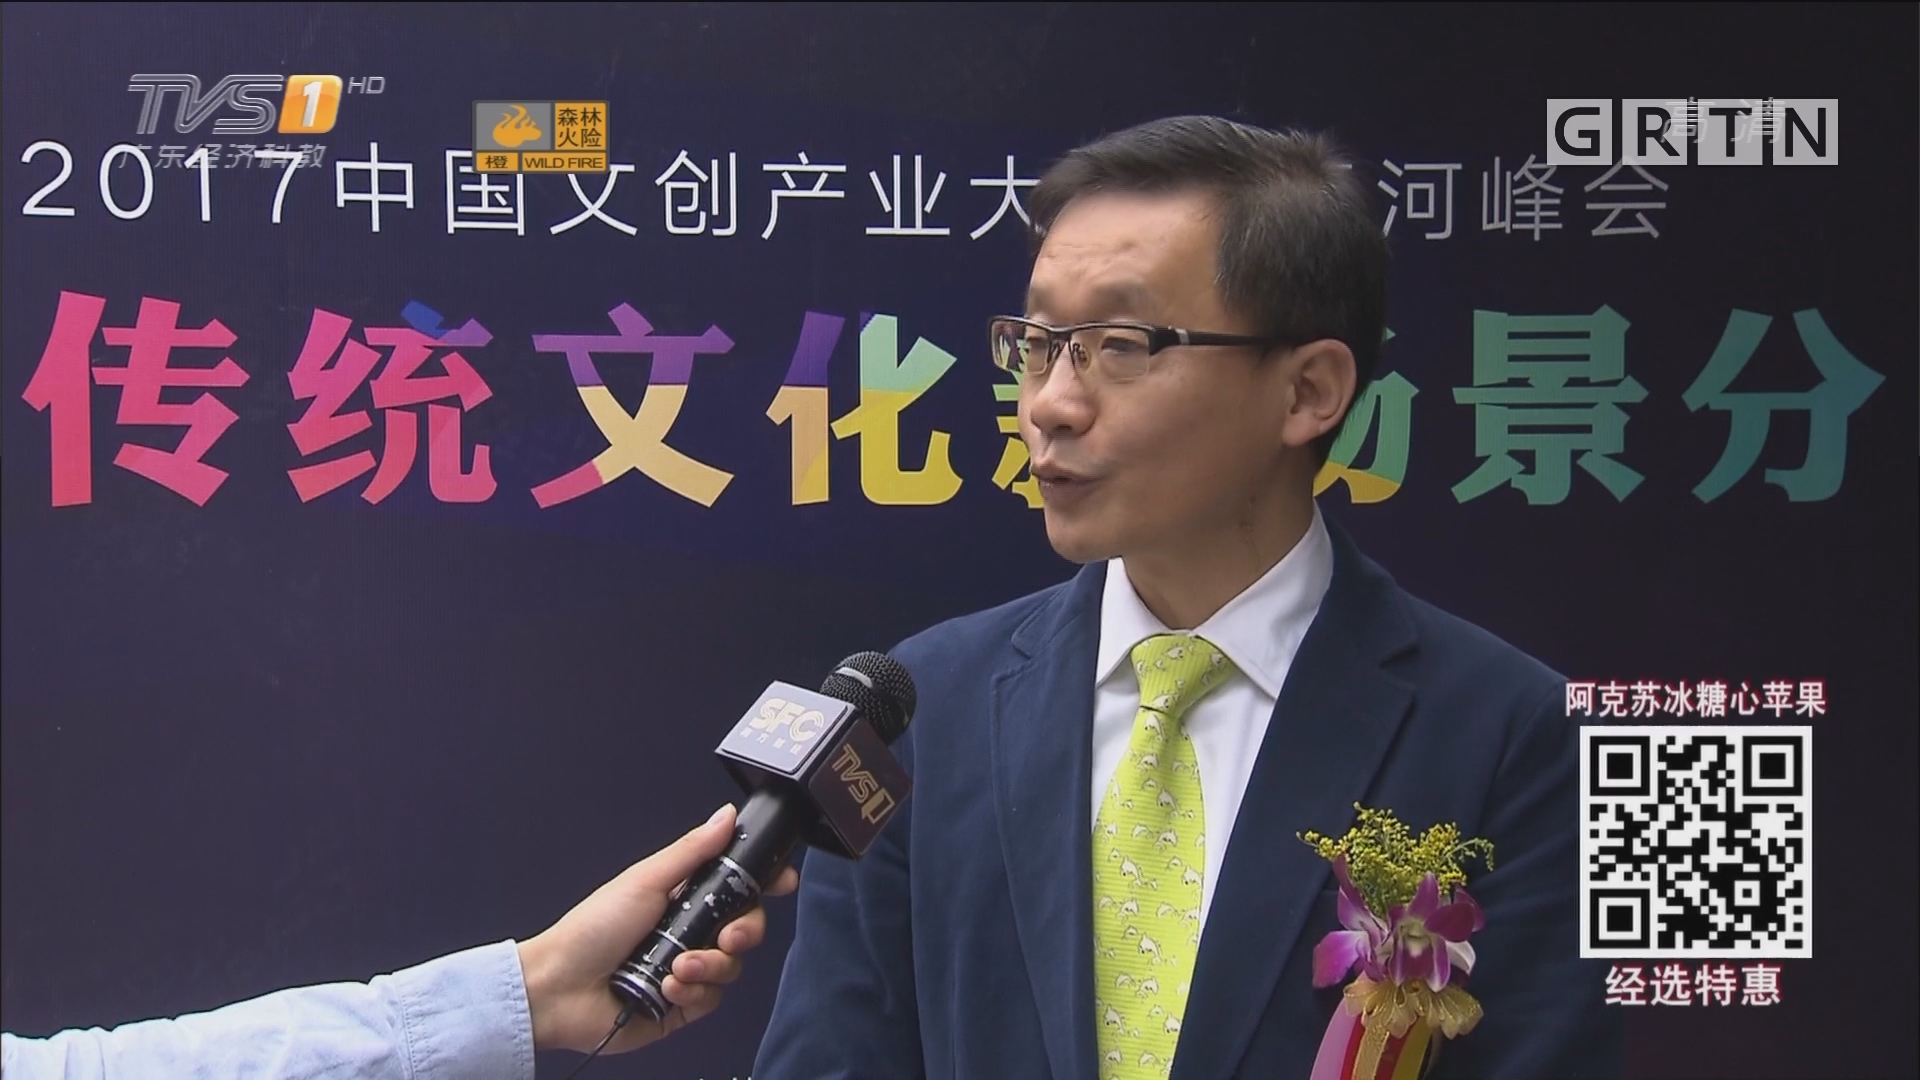 广州:文创大会天河峰会 共话传统文化新场景